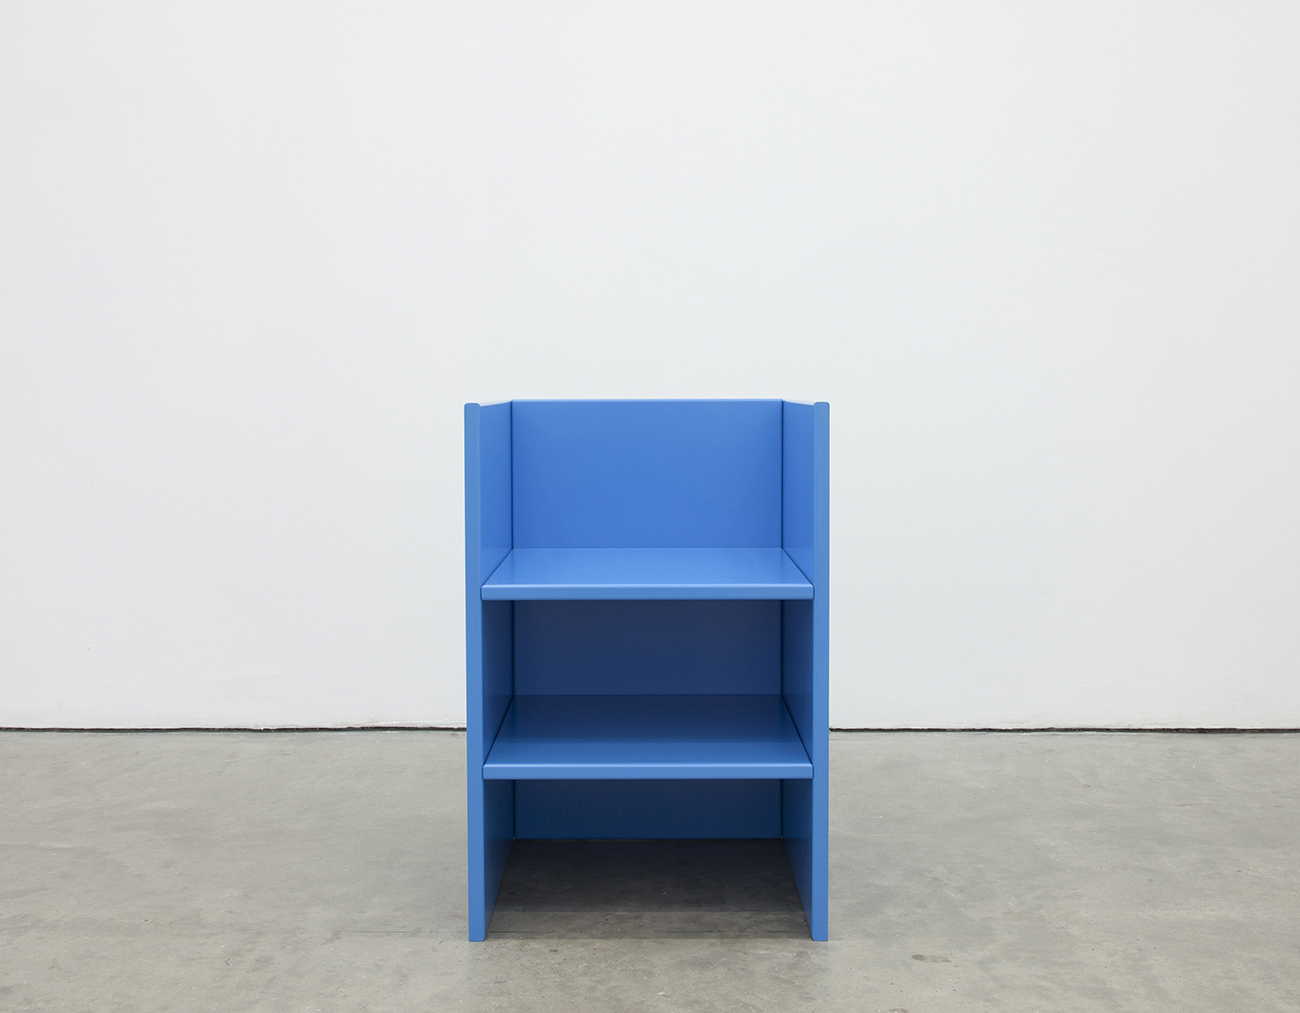 Judd-blue-chair.jpg